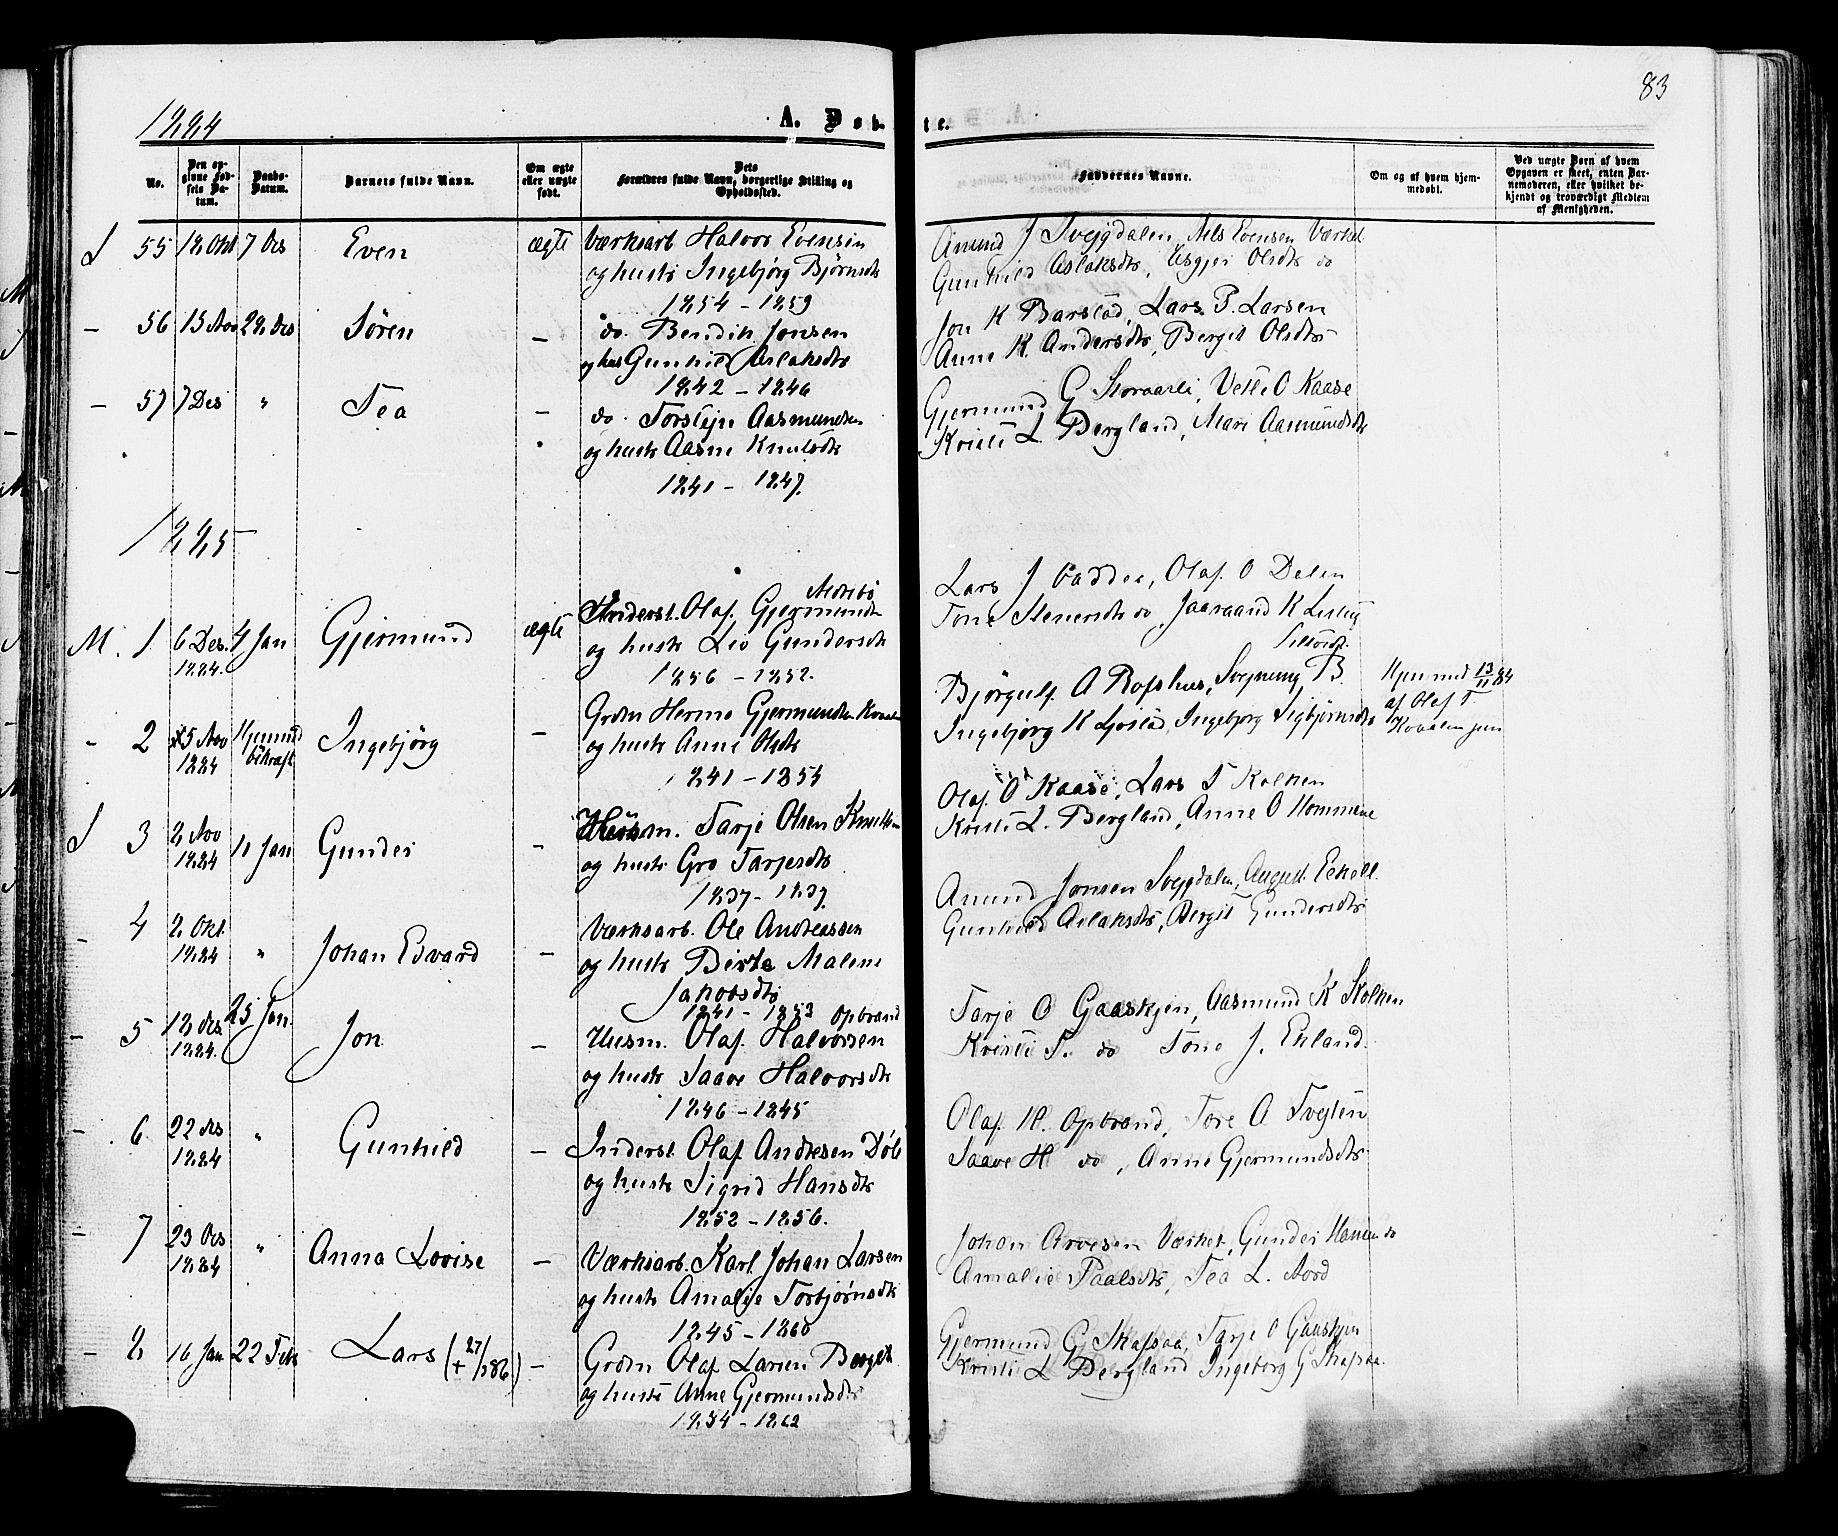 SAKO, Mo kirkebøker, F/Fa/L0006: Ministerialbok nr. I 6, 1865-1885, s. 83